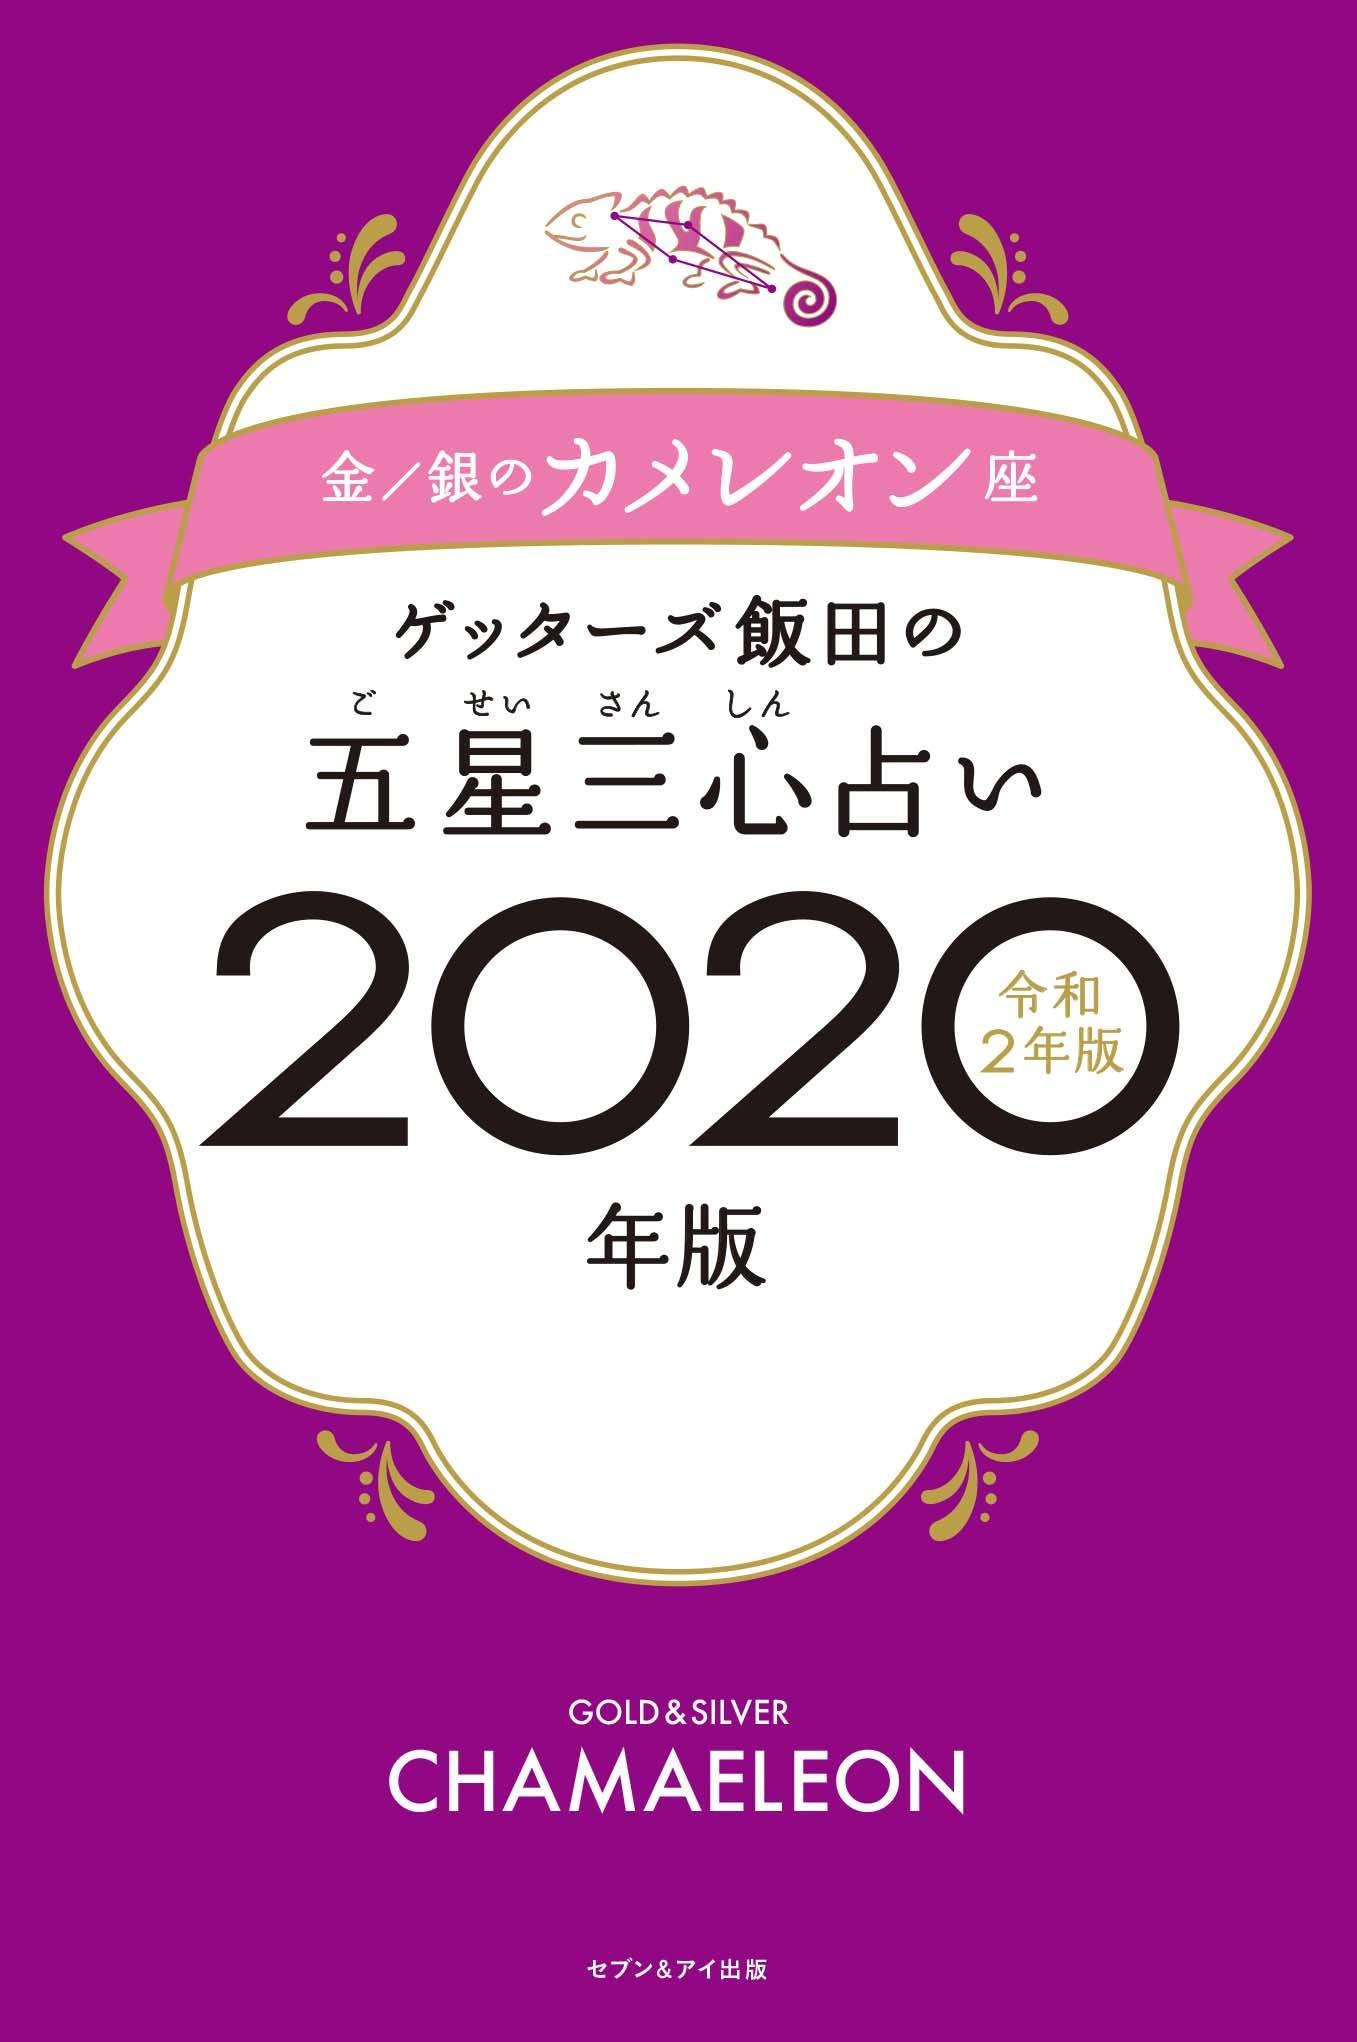 カメレオン 月 の 銀 2020 3